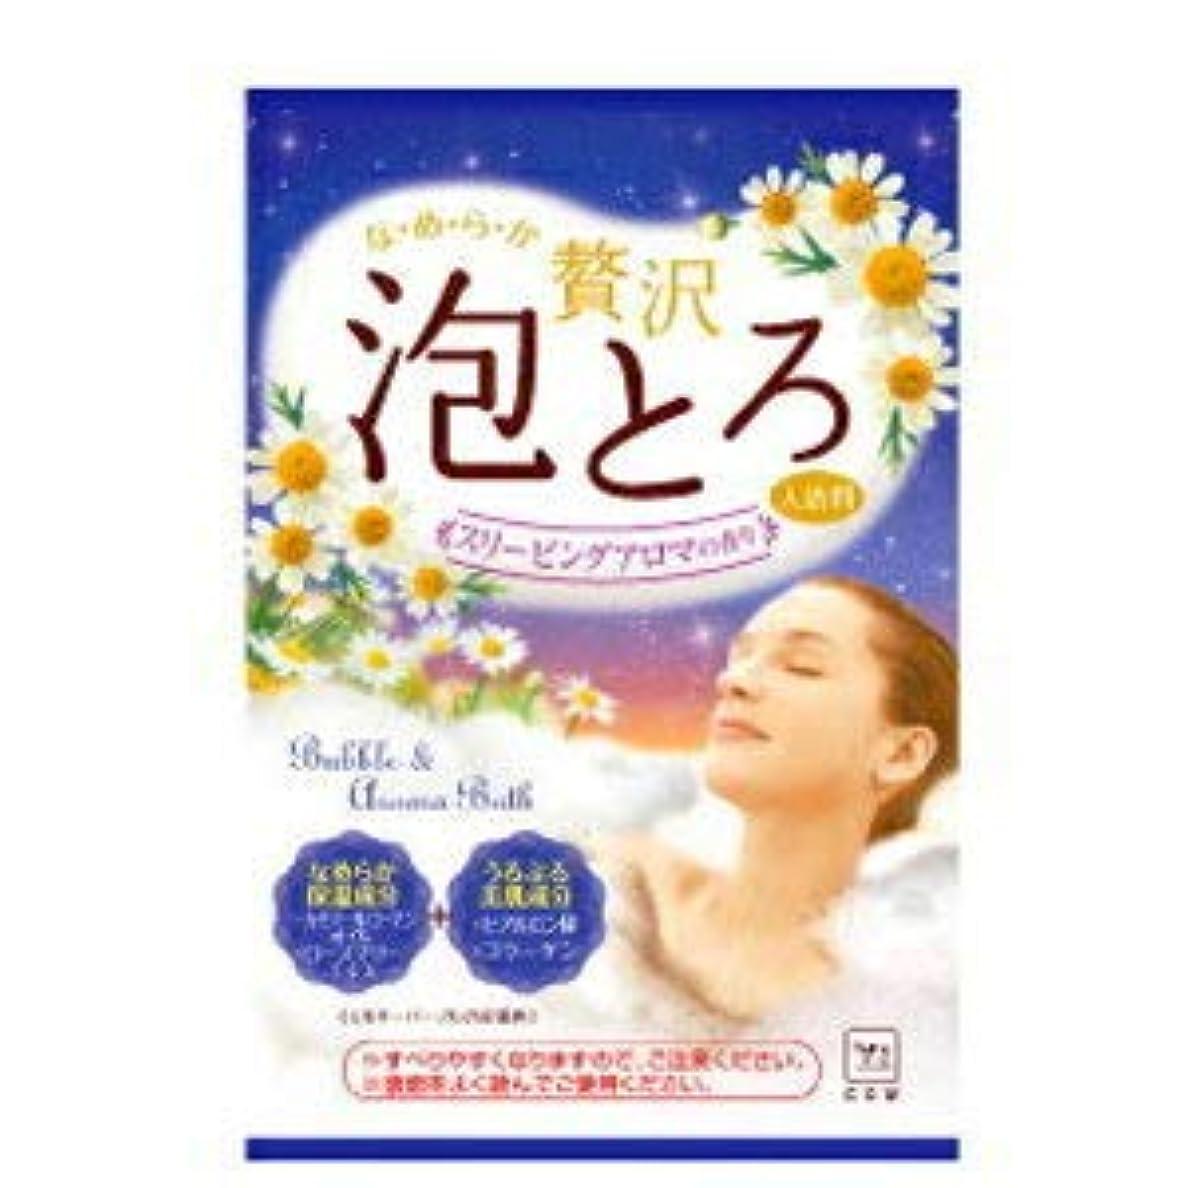 侵入するオッズ湿った牛乳石鹸 お湯物語 贅沢泡とろ 入浴料 スリーピングアロマ 30g 16個セット